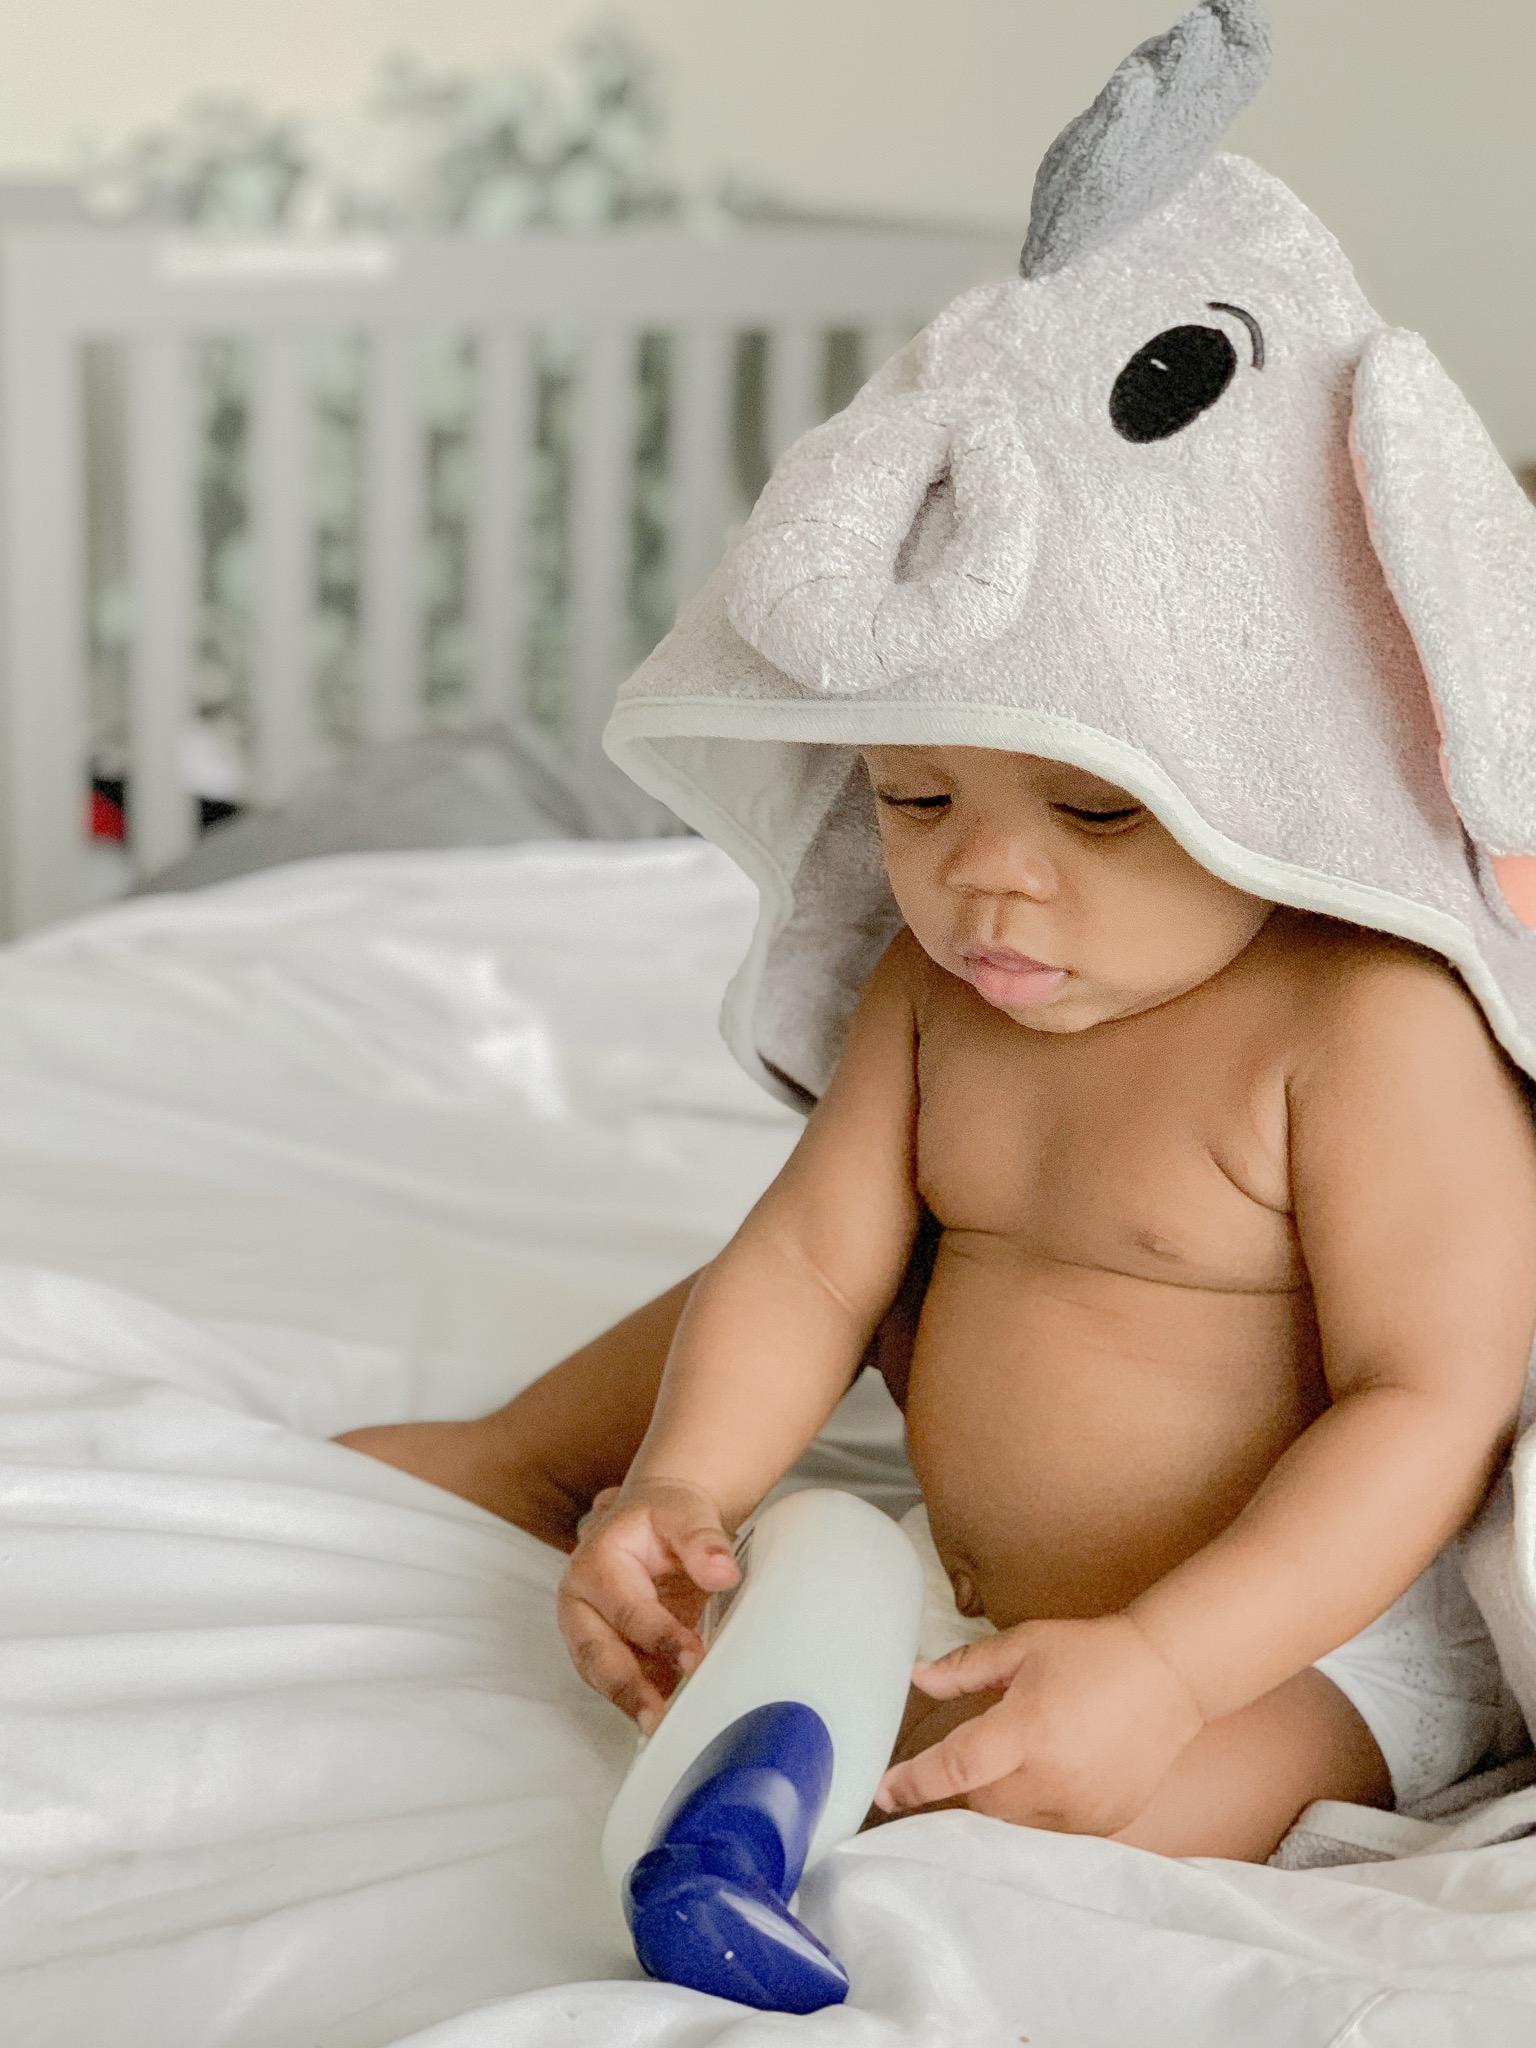 Super simple Toddler Bath Time Routine #bathroutine #toddler #baby #newborn #bathtime